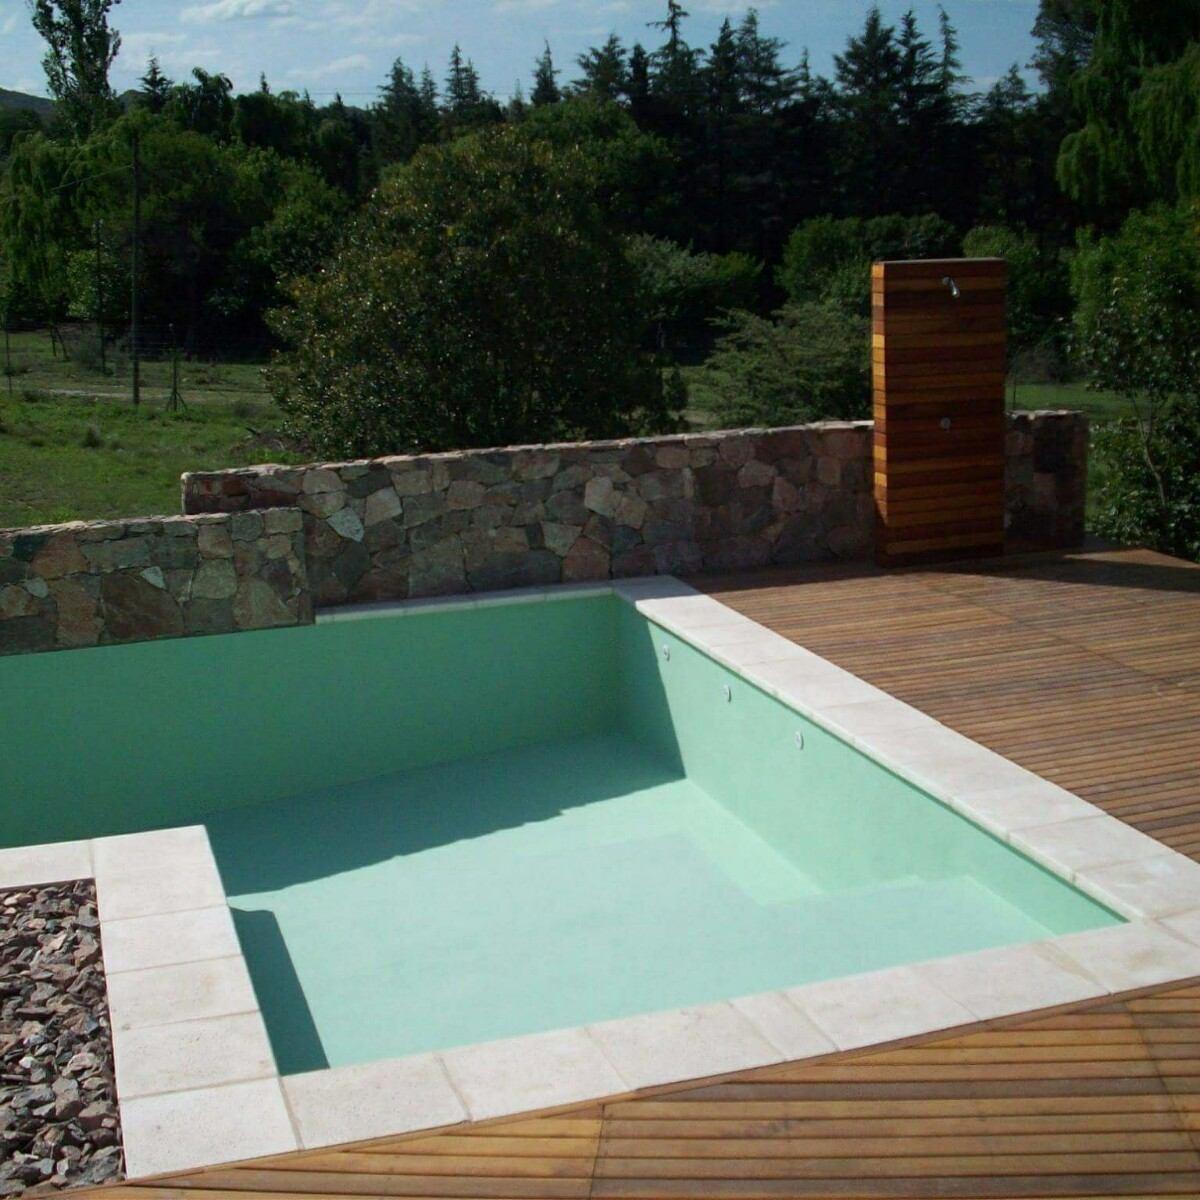 losetas de bordes para piscinas cargando zoom - Bordes De Piscinas